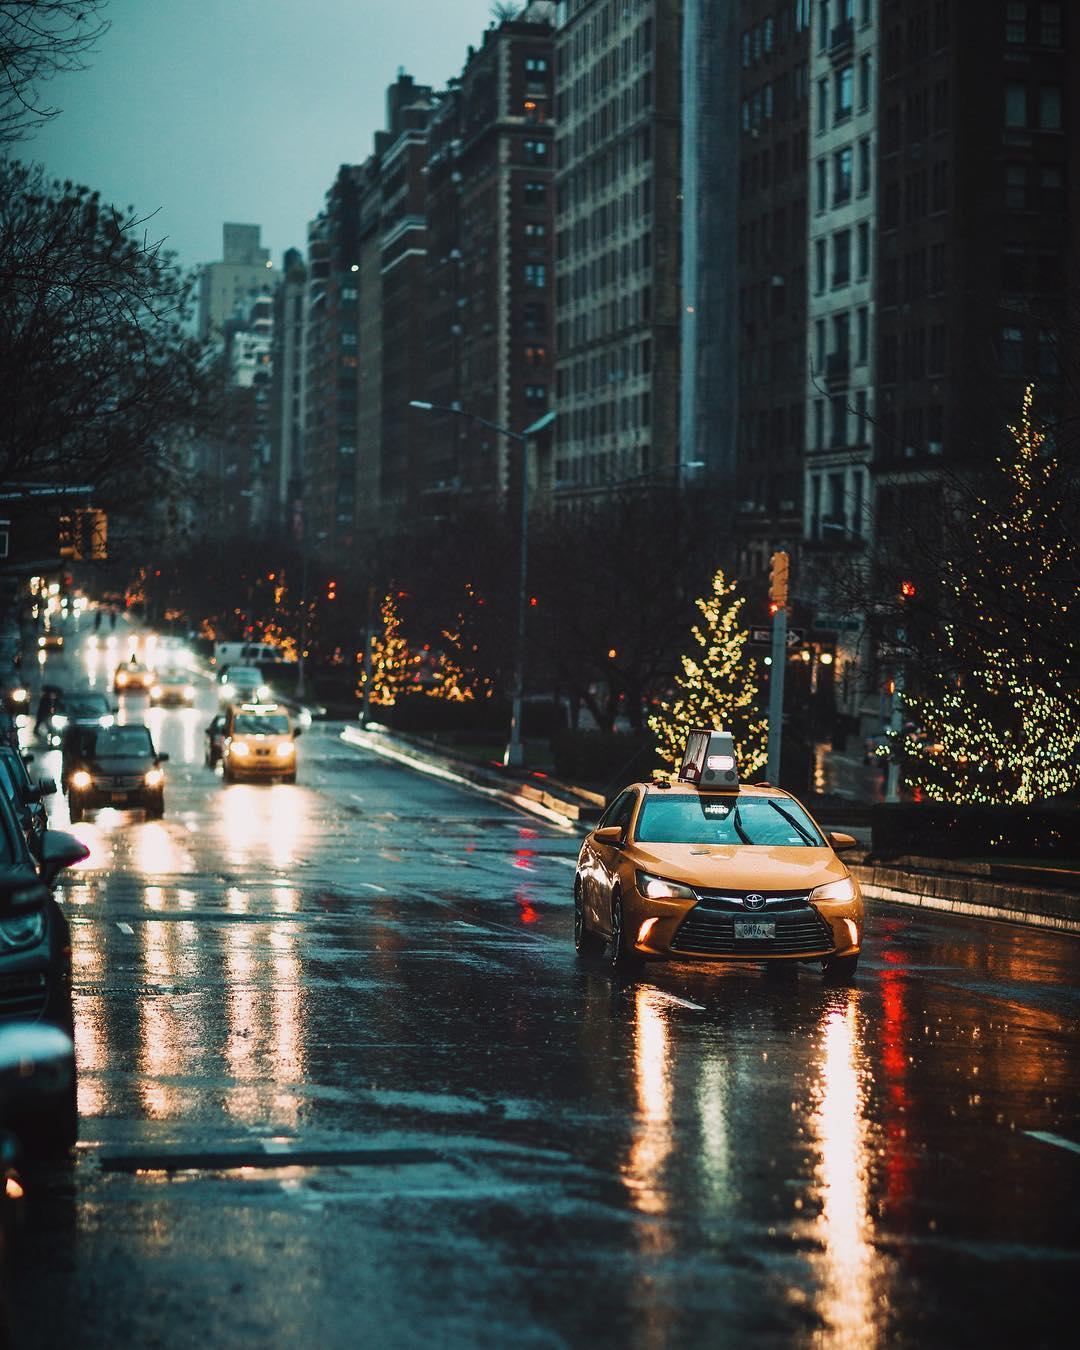 Потрясающие уличные снимки Нью-Йорка от Джейсона Ли